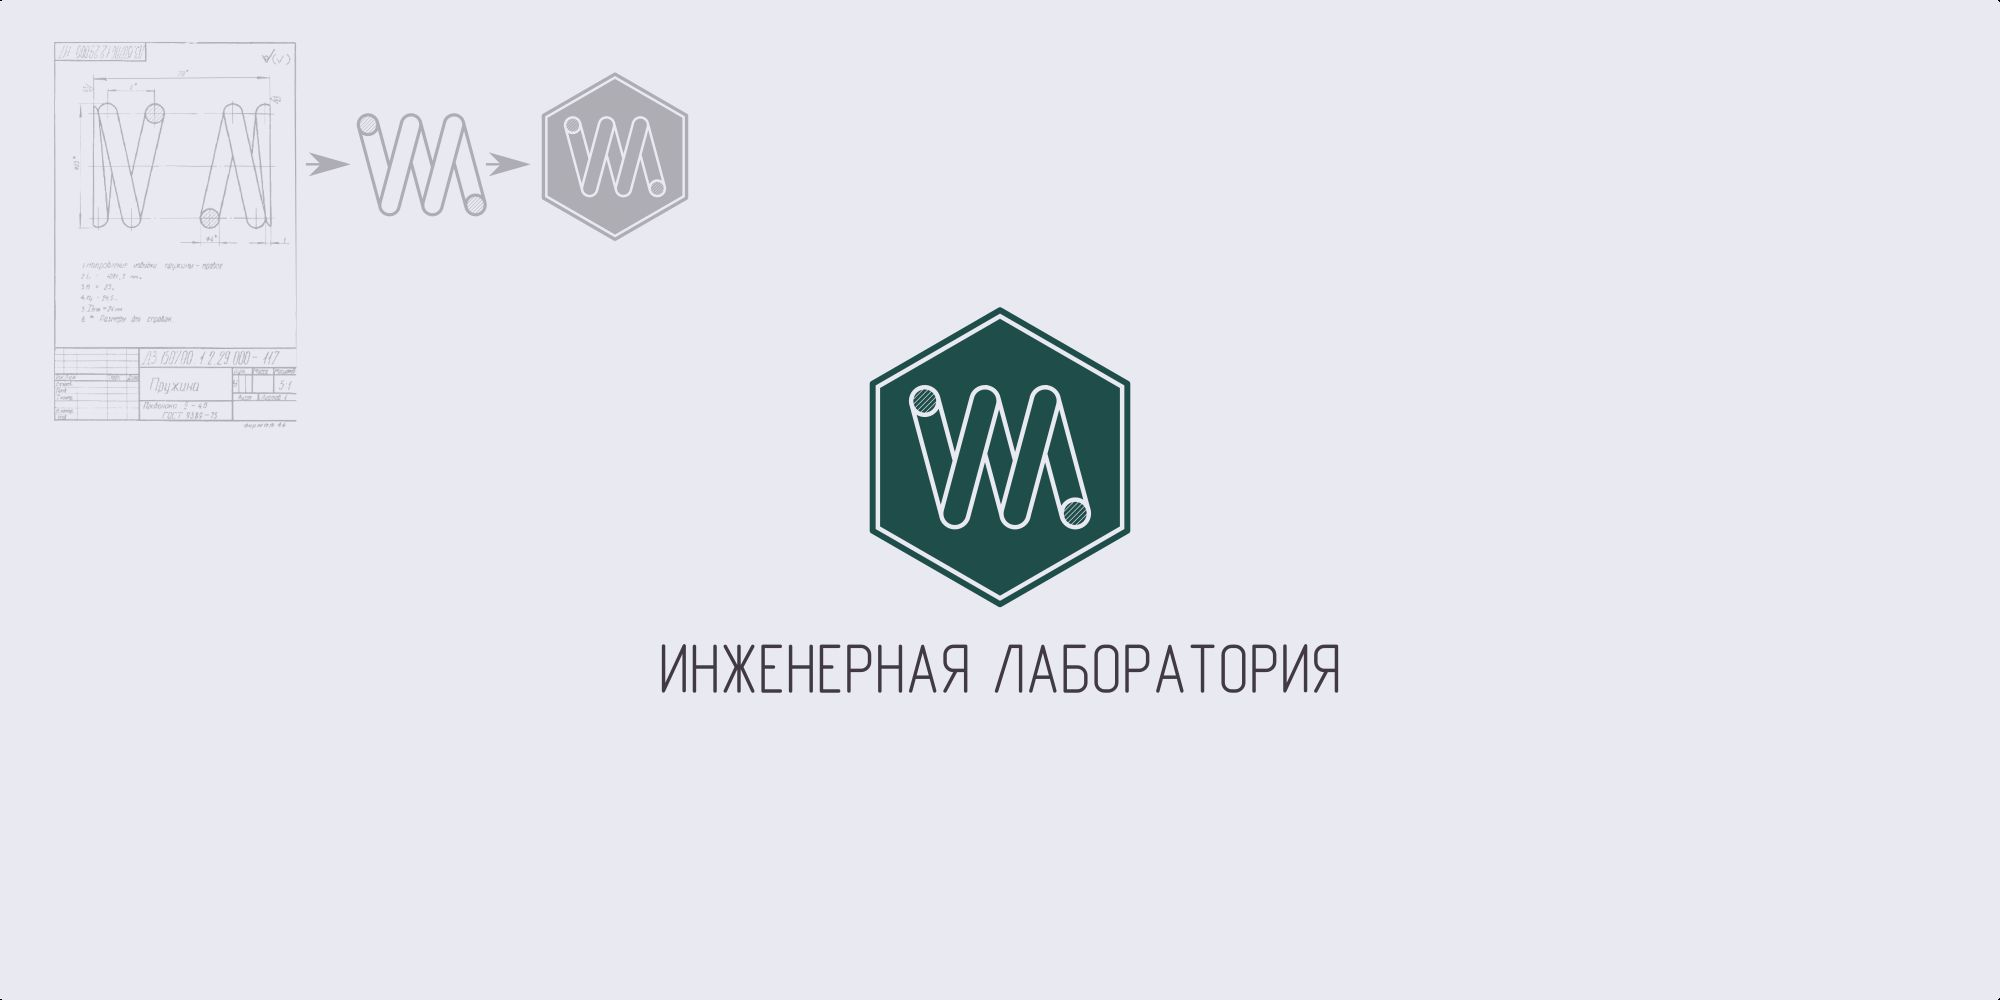 Лого и фирменный стиль для Инженерная лаборатория  - дизайнер turboegoist